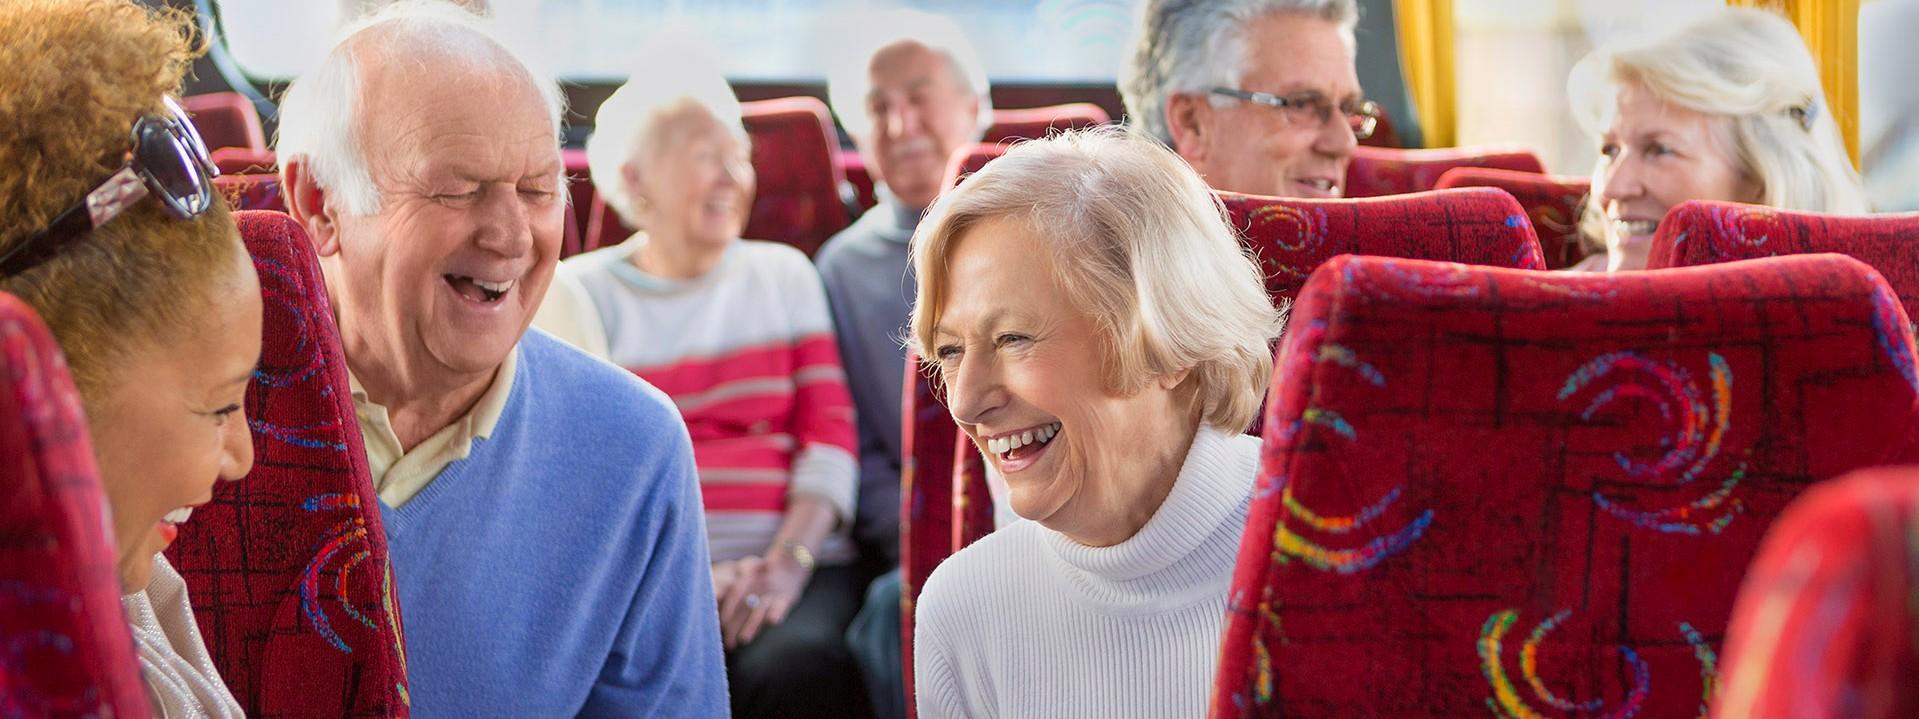 Senioren sitzen fröhlich in einem Reisebus.